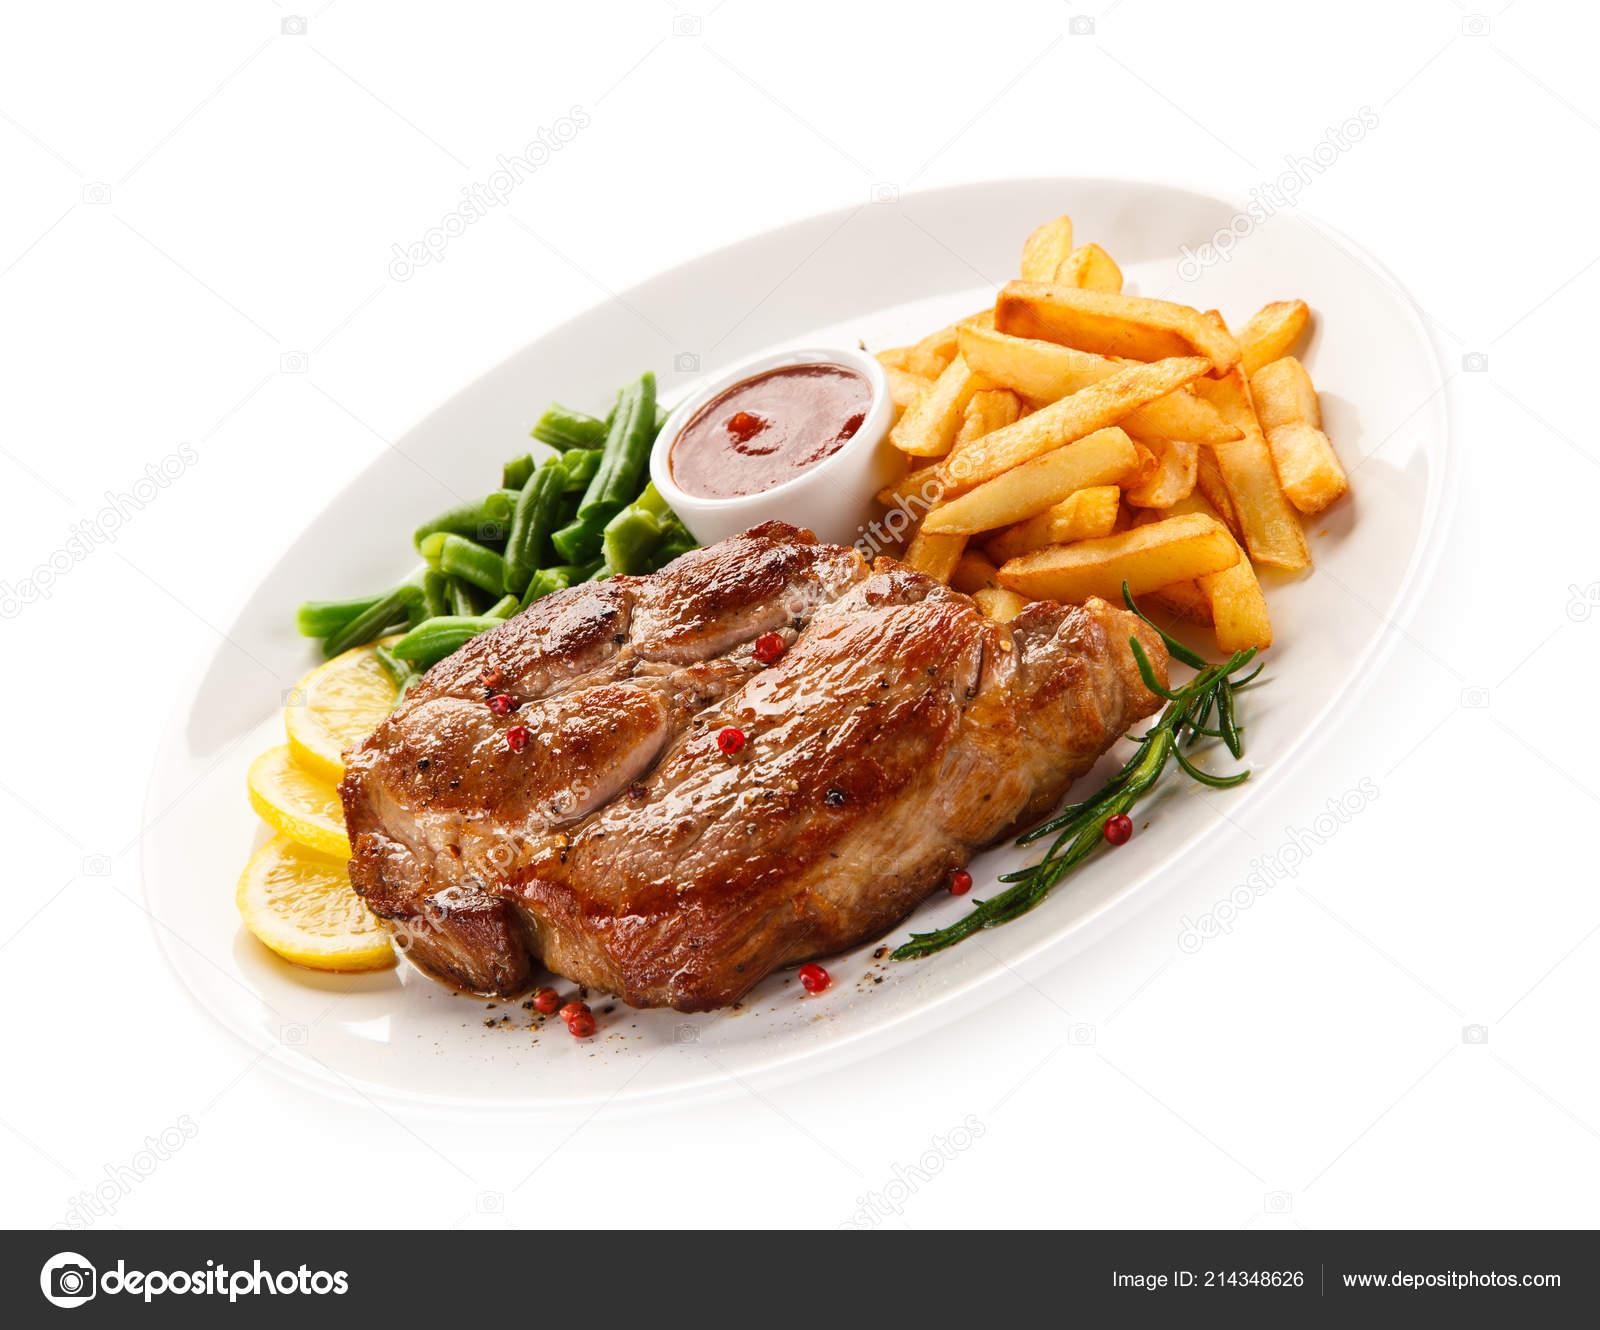 Картинки по запросу Жаркое из свинины | Roasted pork